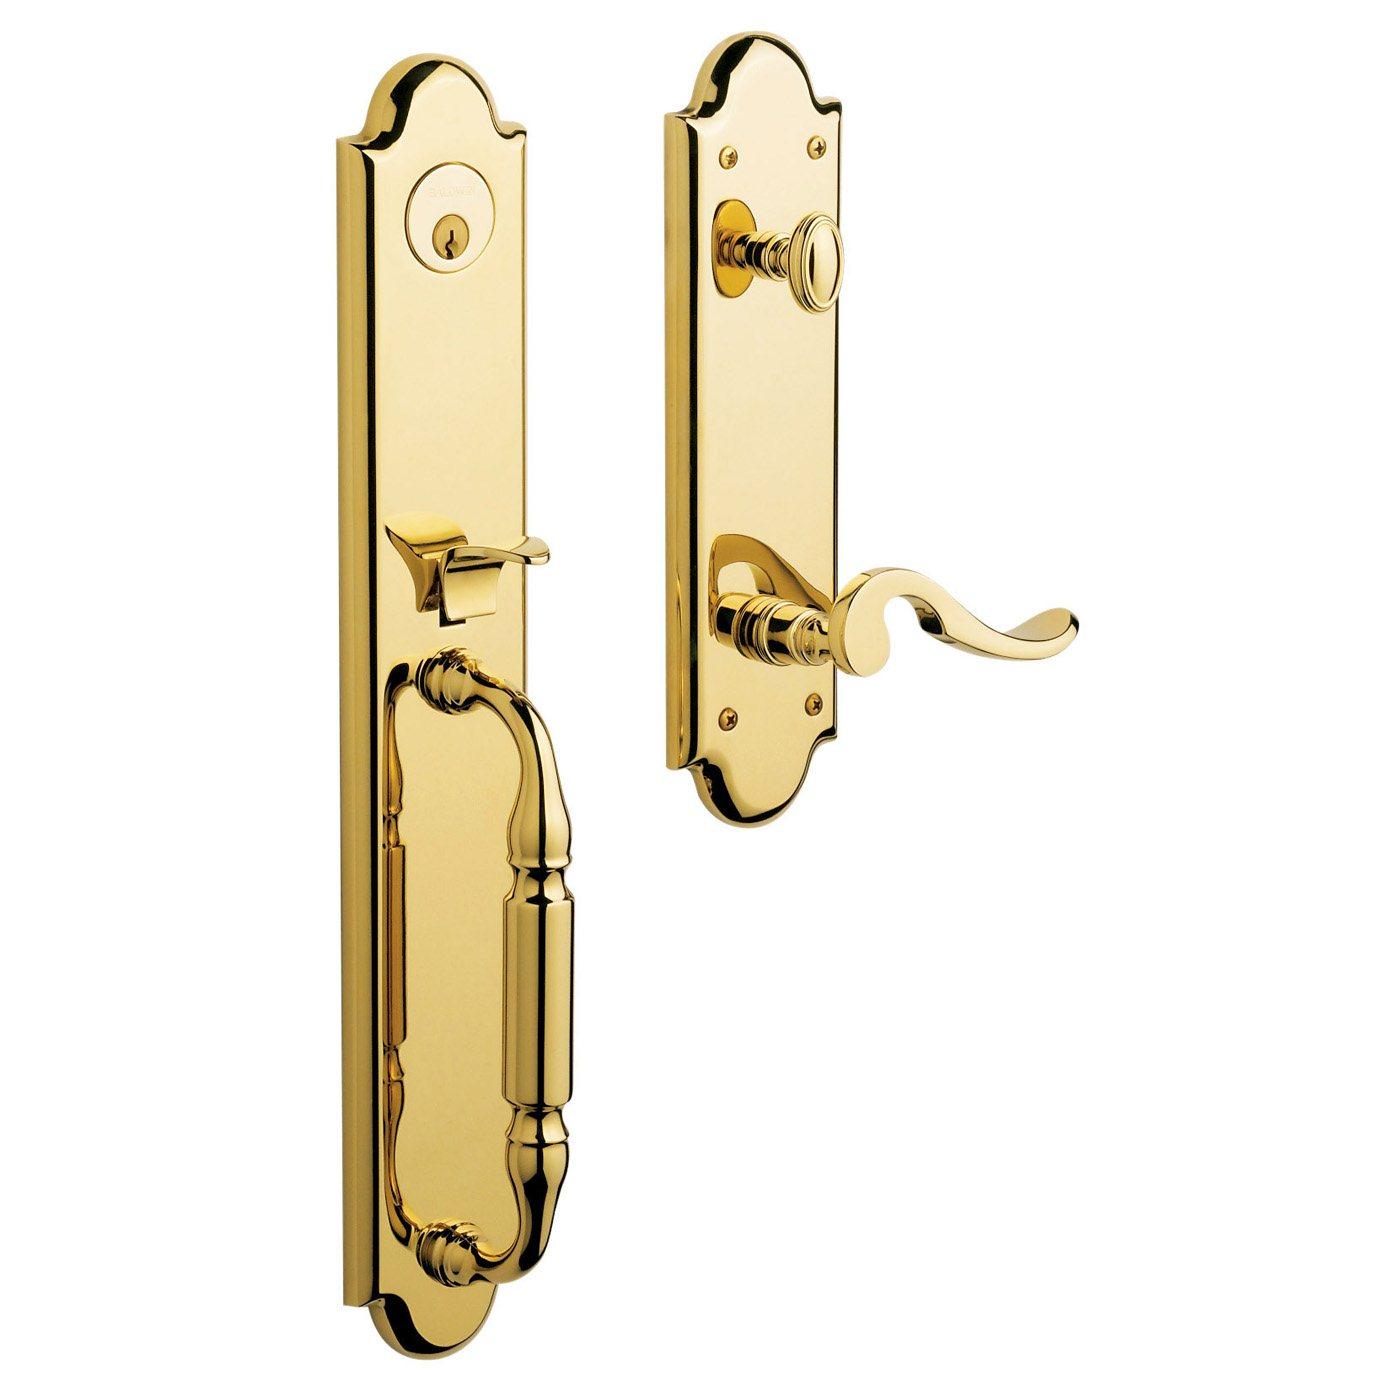 door knob hardware parts photo - 4